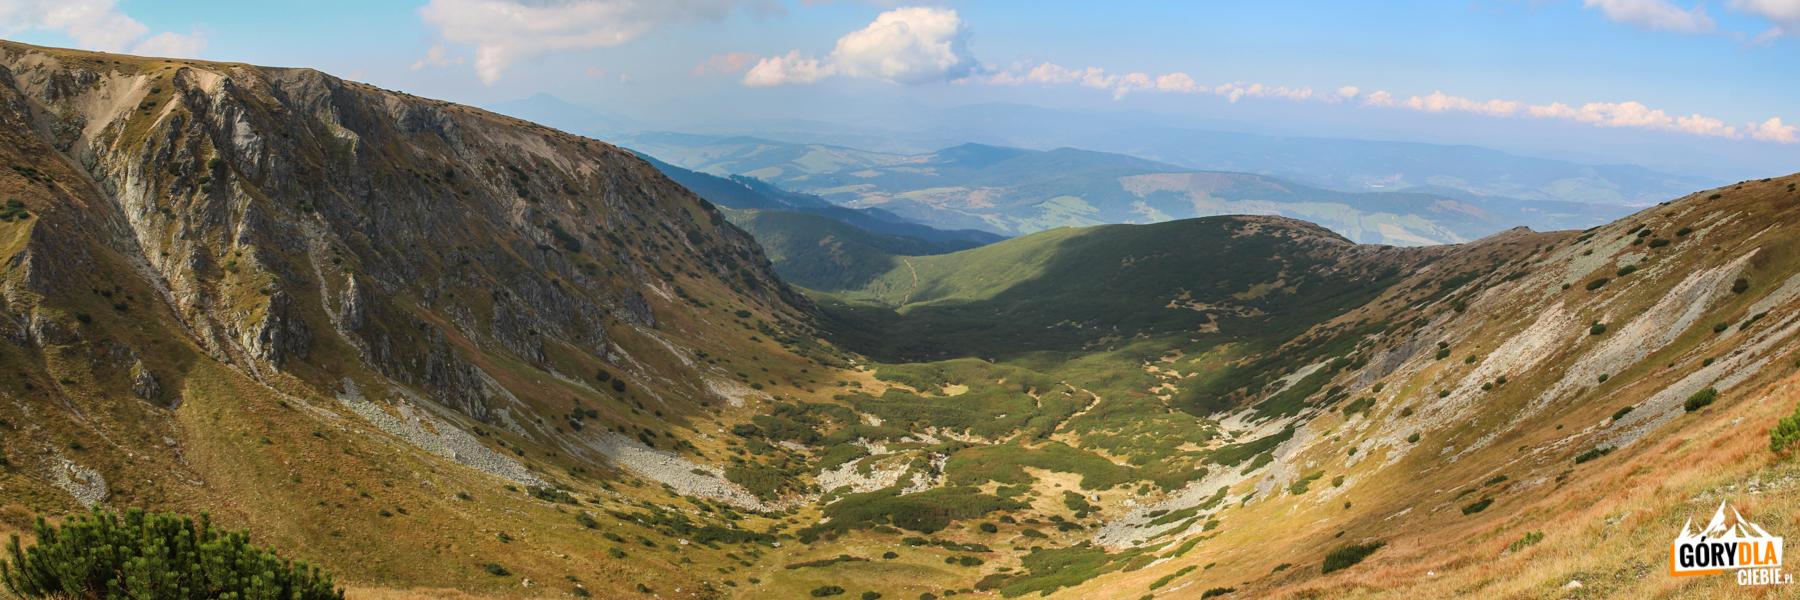 Dolina Bobrowiecka widziana z Przełęczy Salatyńskiej (1870 m)